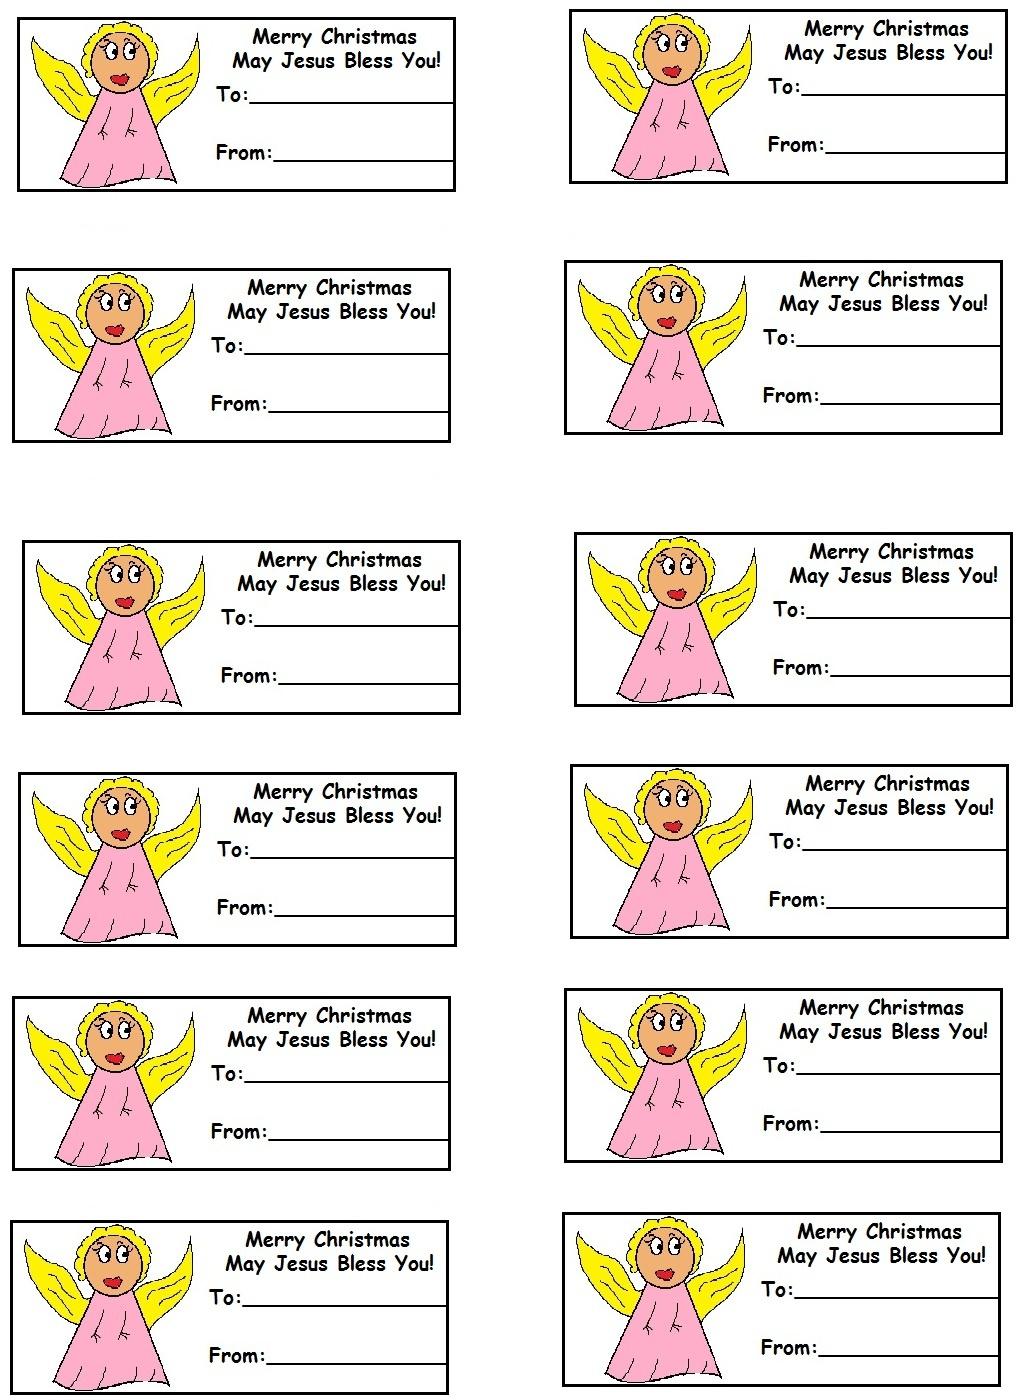 Church House Collection Blog: Christmas Gift Tags - Free Printable Angel Gift Tags